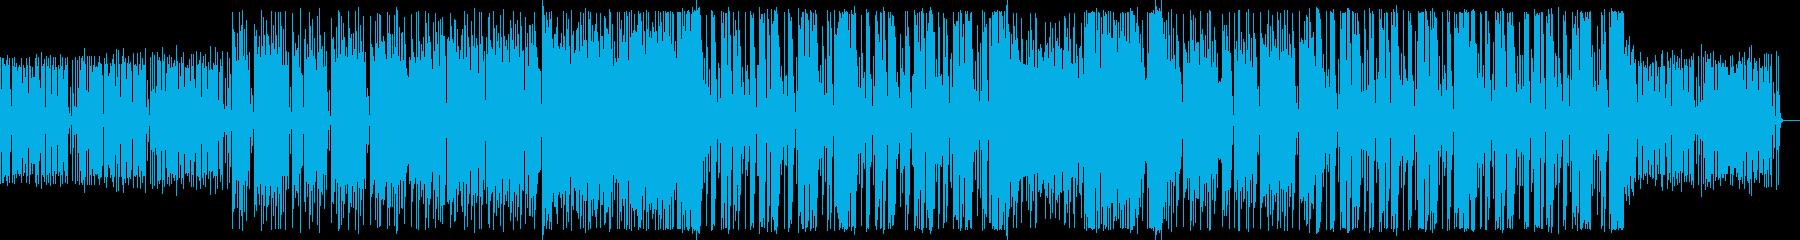 リズミカルなフューチャーベースですの再生済みの波形